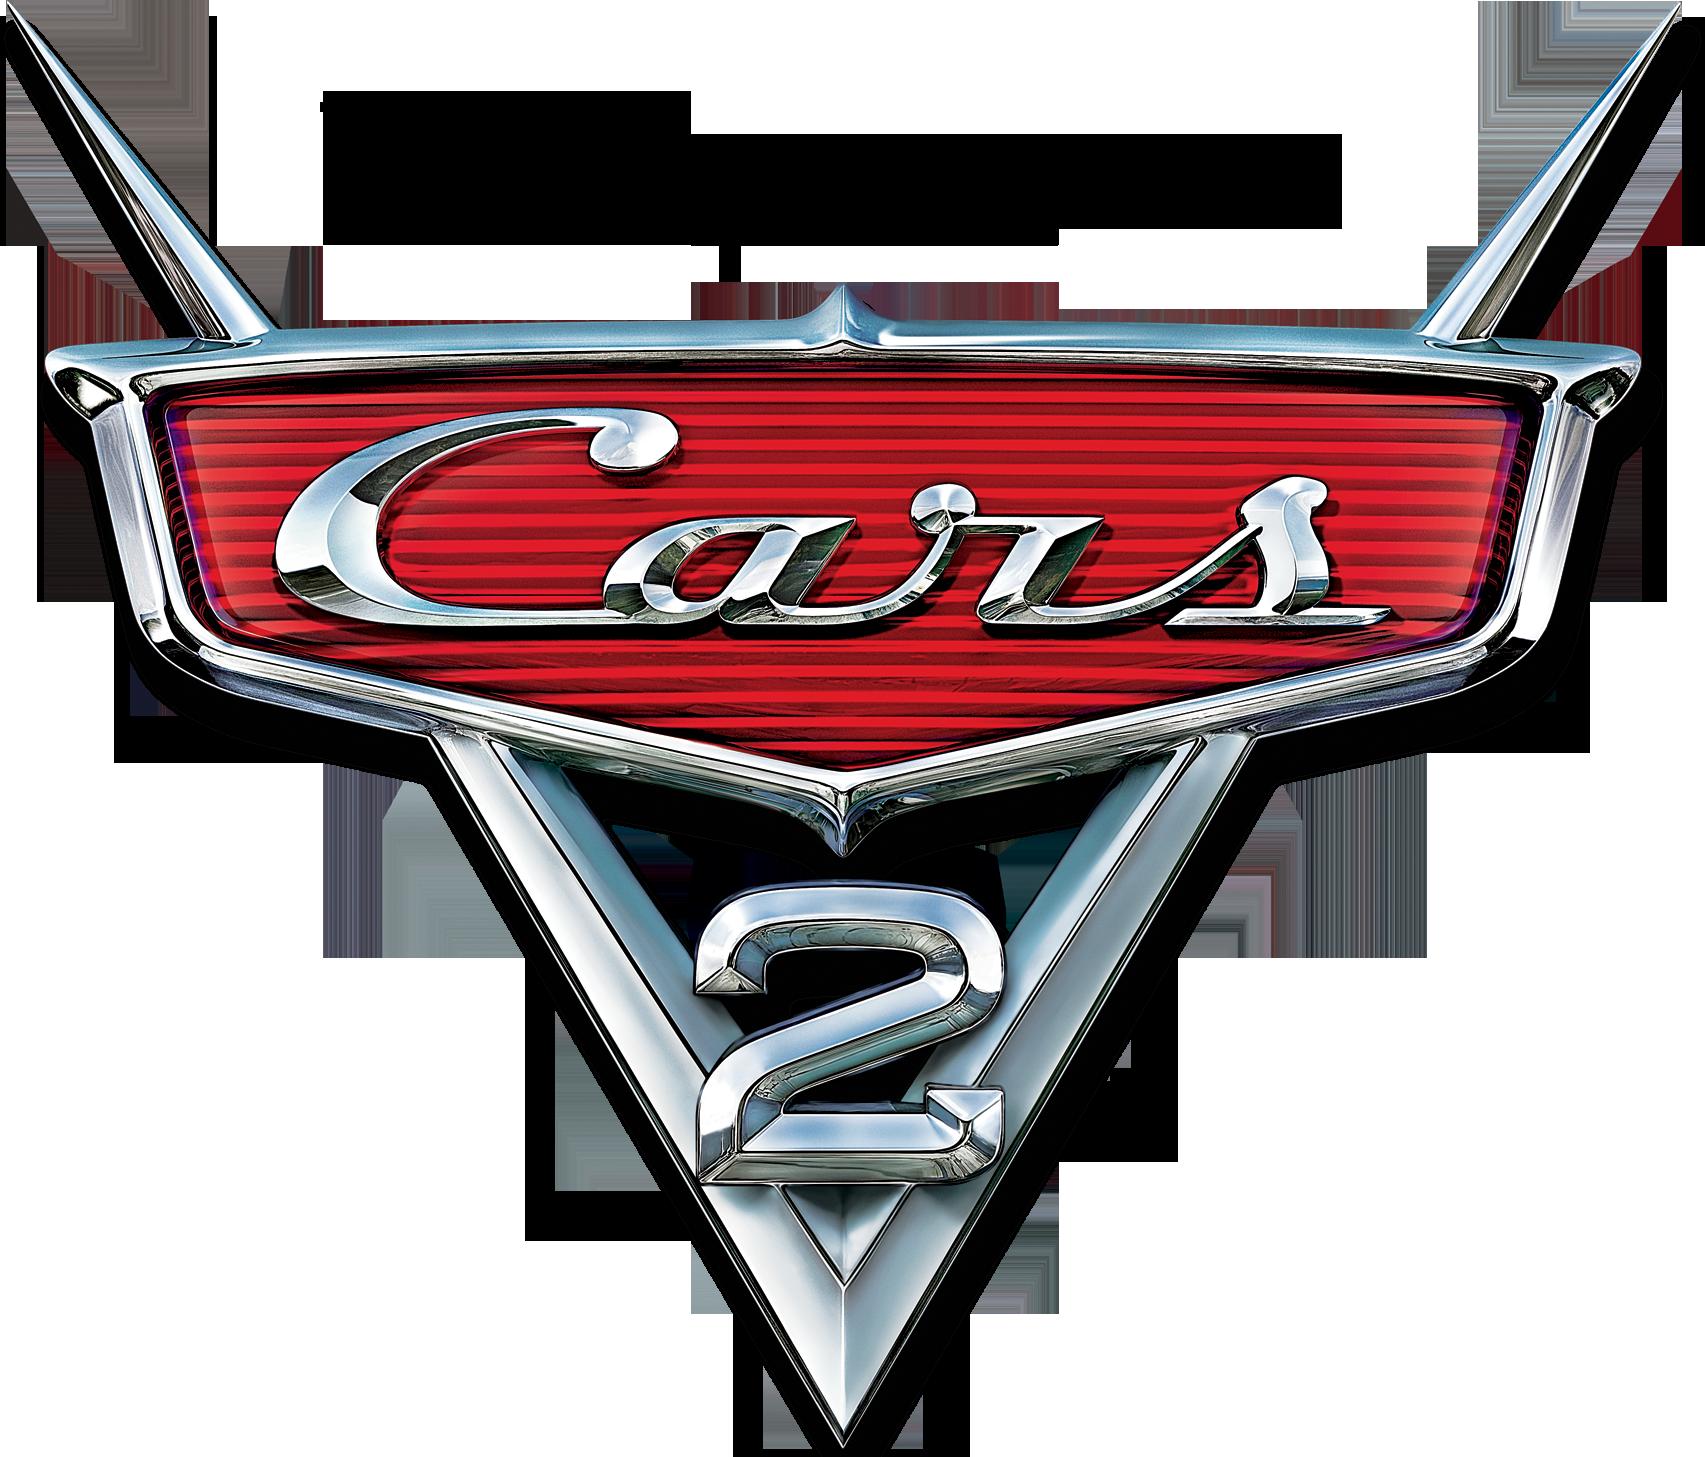 Cars 2 Festa temática de carros, Disney pixar, Relâmpago